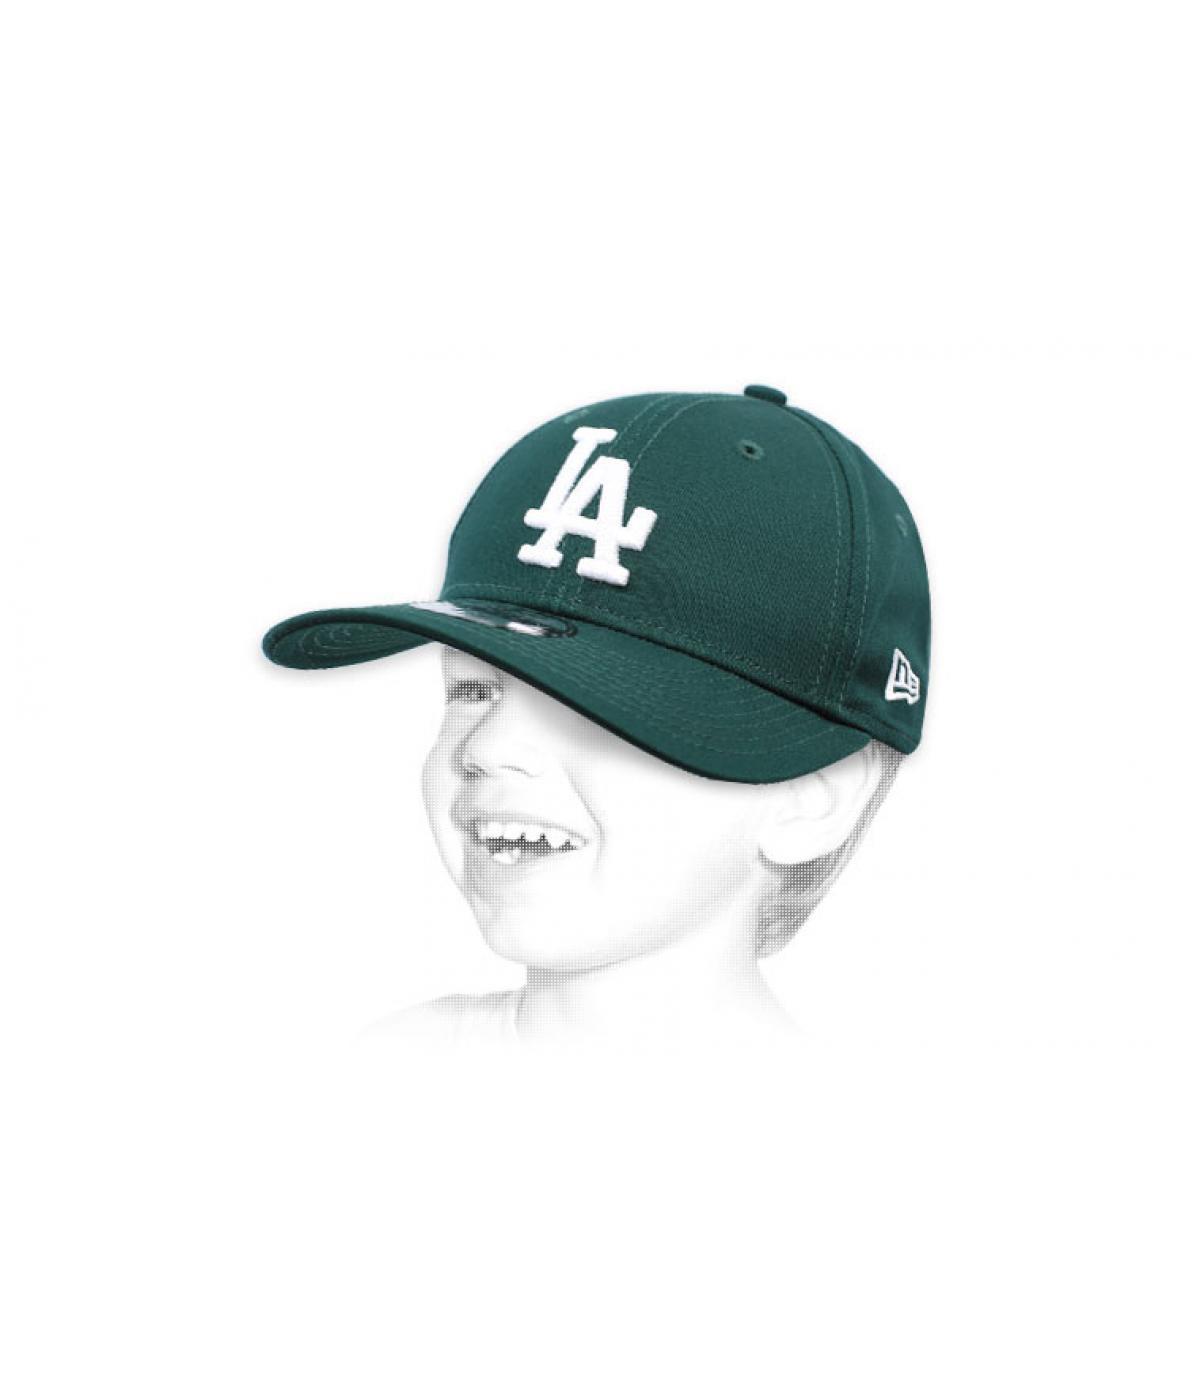 Kinder Cap LA grün